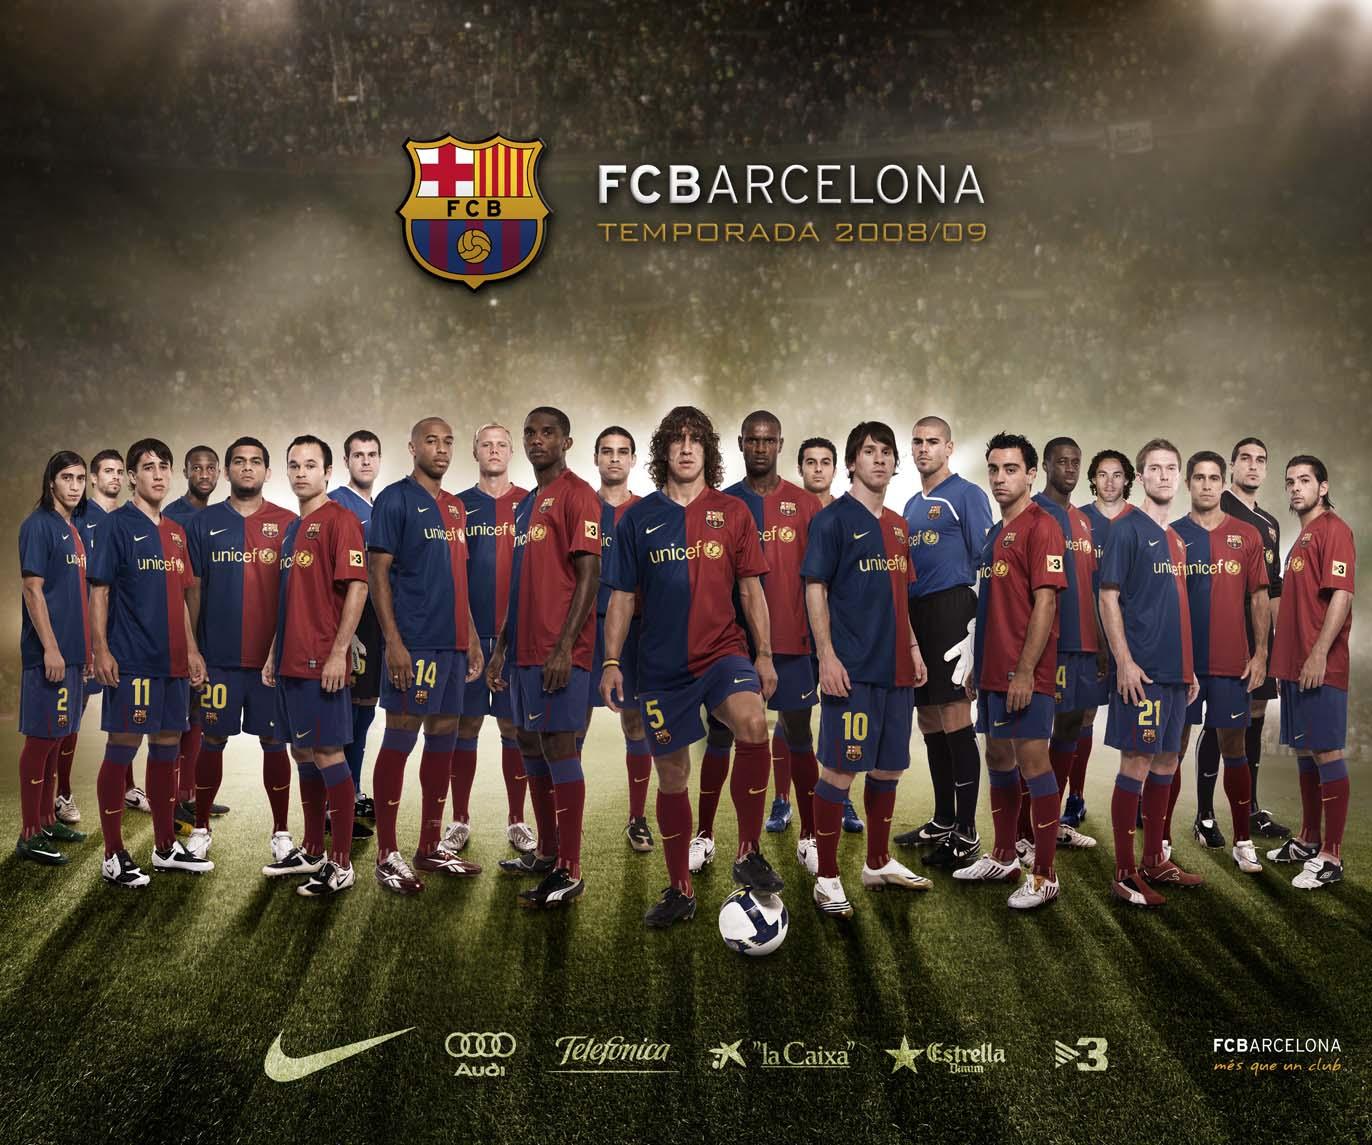 los mejores equipos de futbol de